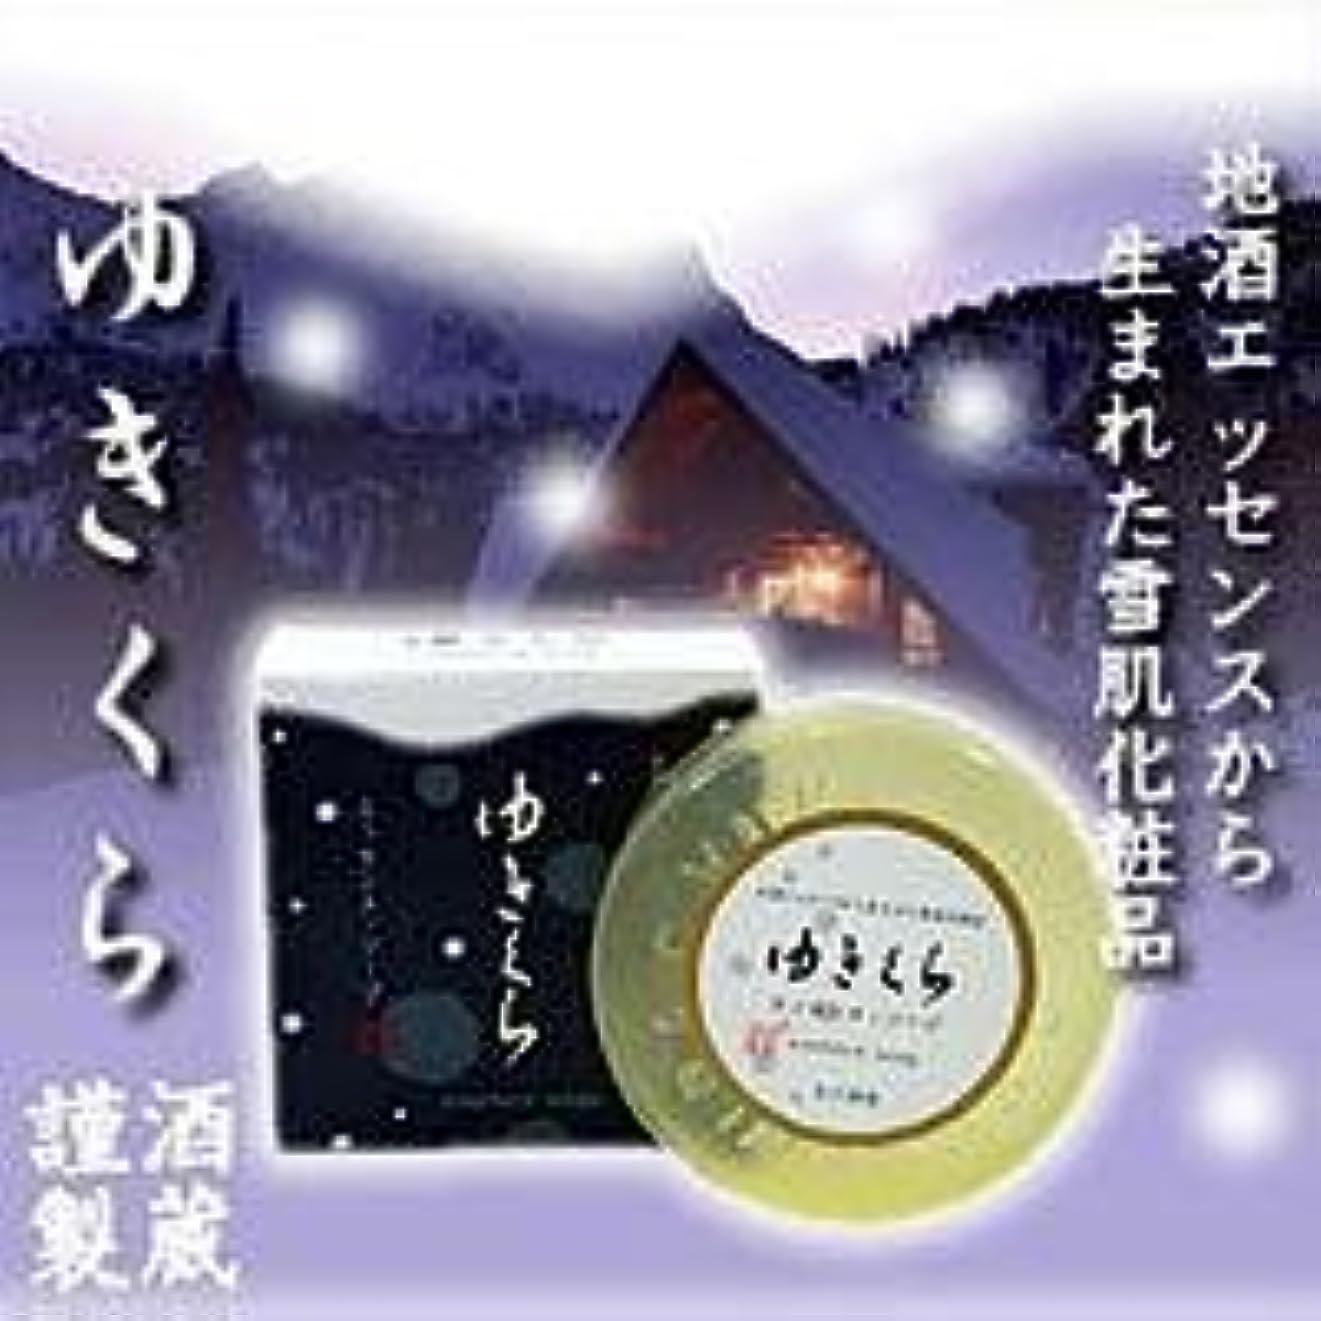 ゆきくら透明石鹸 エッセンスソープ90g